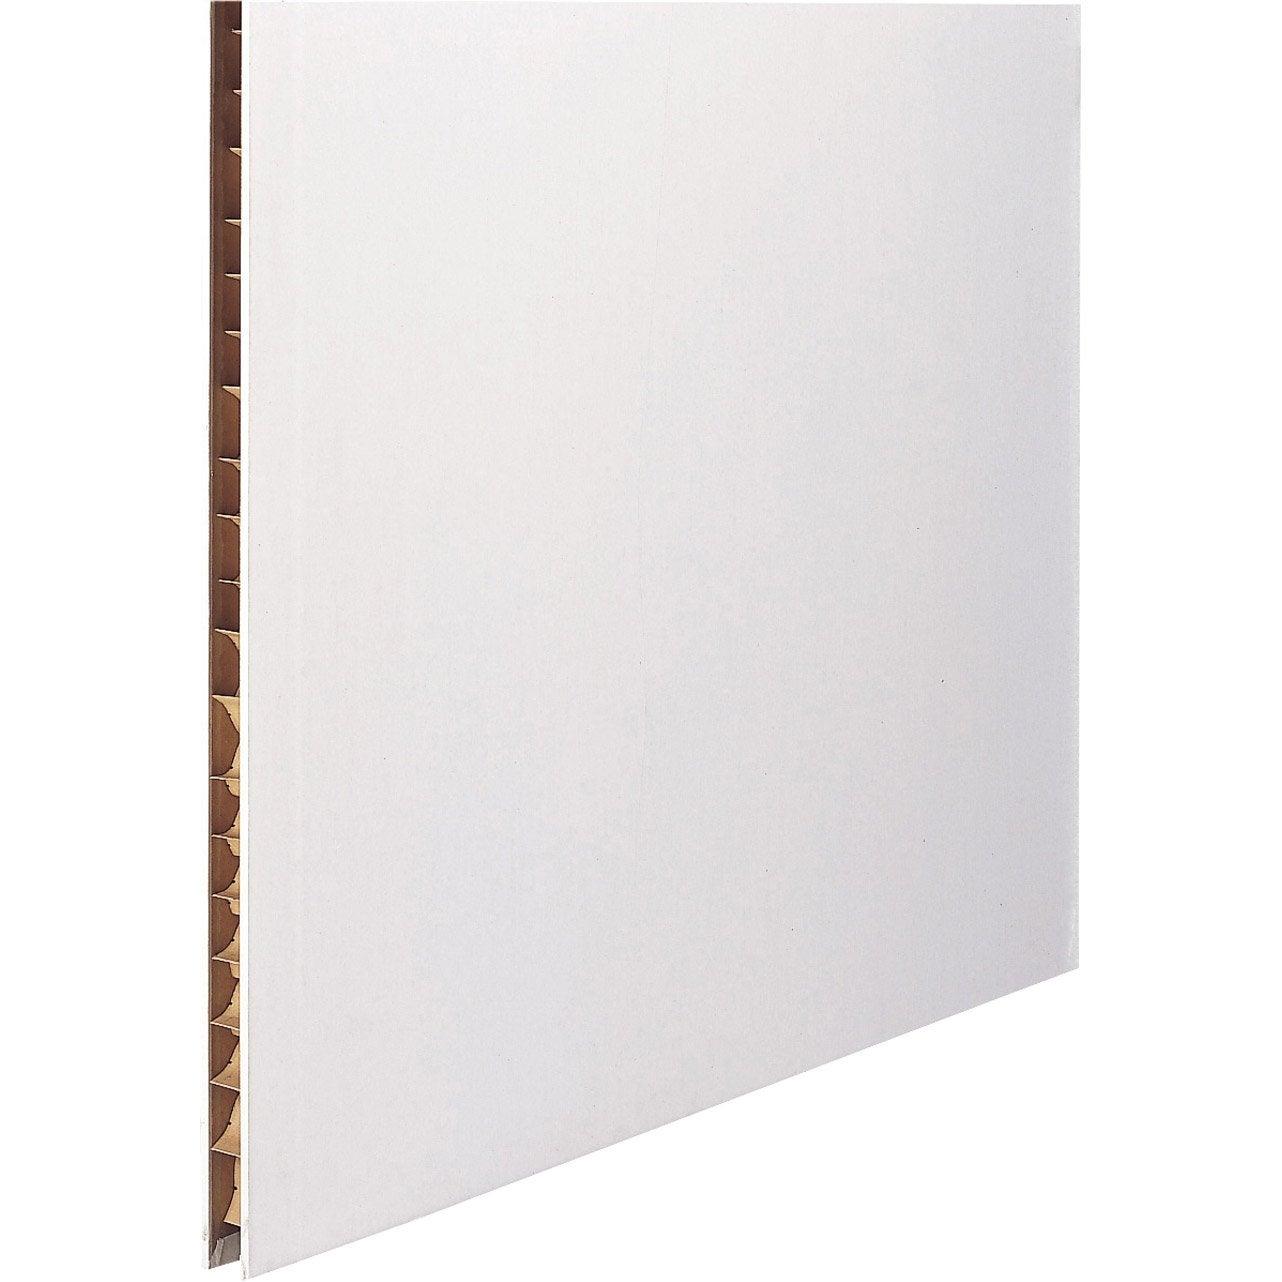 Cloison alvéolaire CE 2 5 x 0 6 m, Ep 5 cm Leroy Merlin # Cloison Bois Alvéolaire